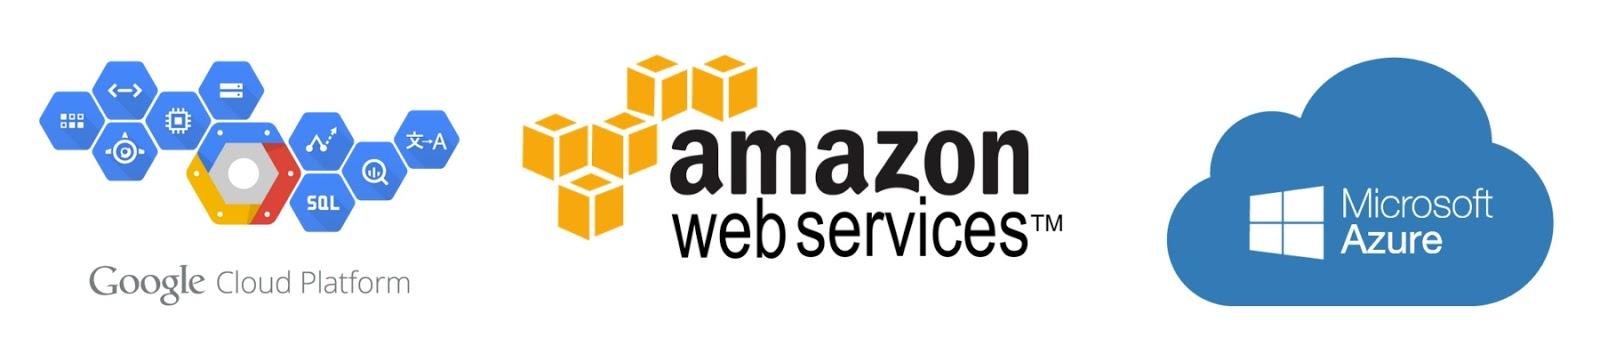 Легкий тест производительности облачных платформ AWS, Google Cloud и Microsoft Azure